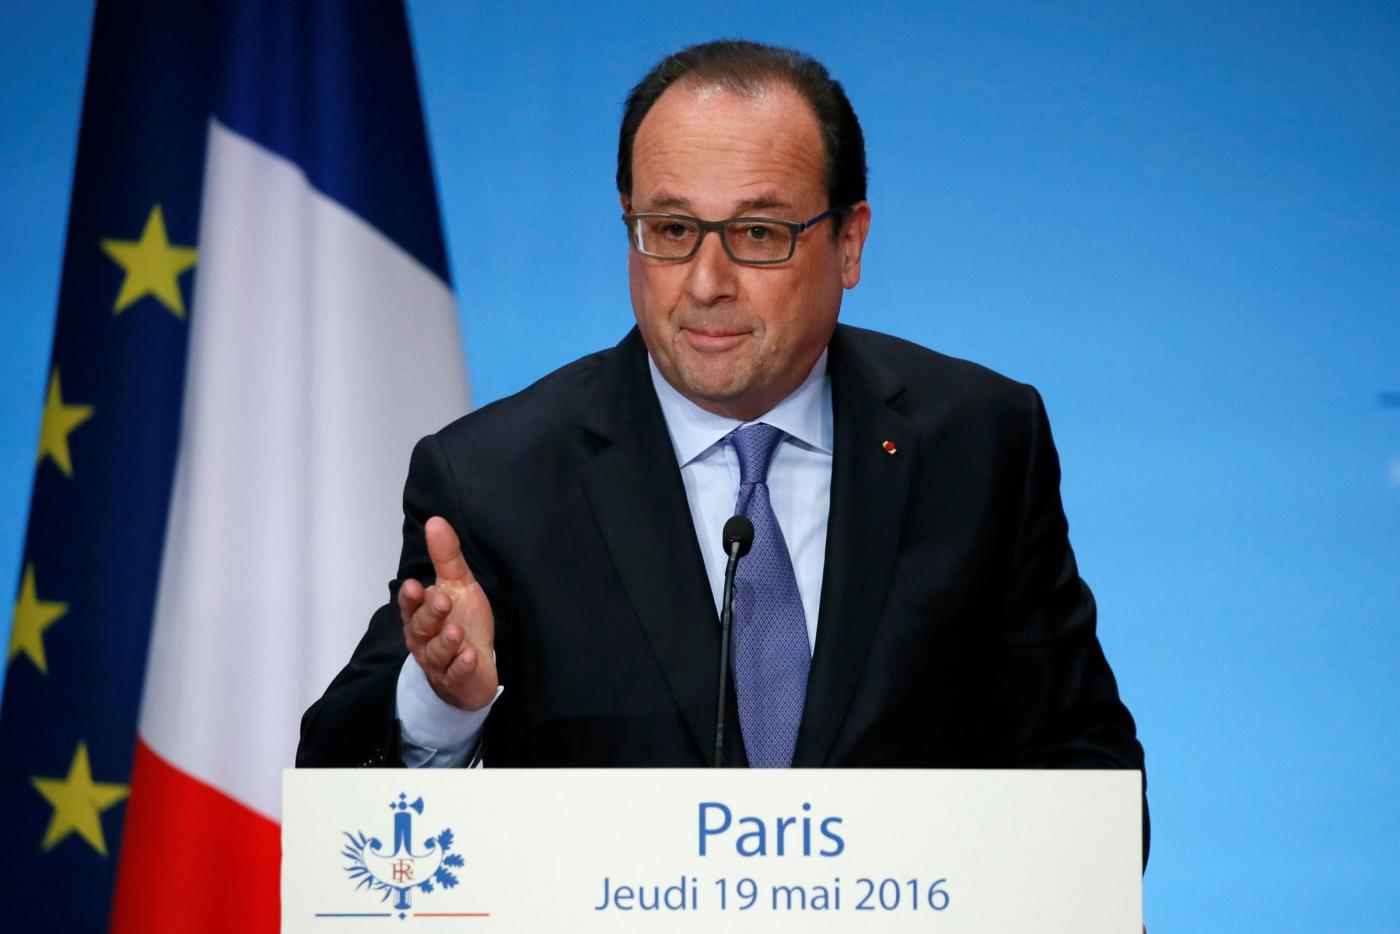 Parigi, la conferenza del presidente Francois Hollande all'Eliseo